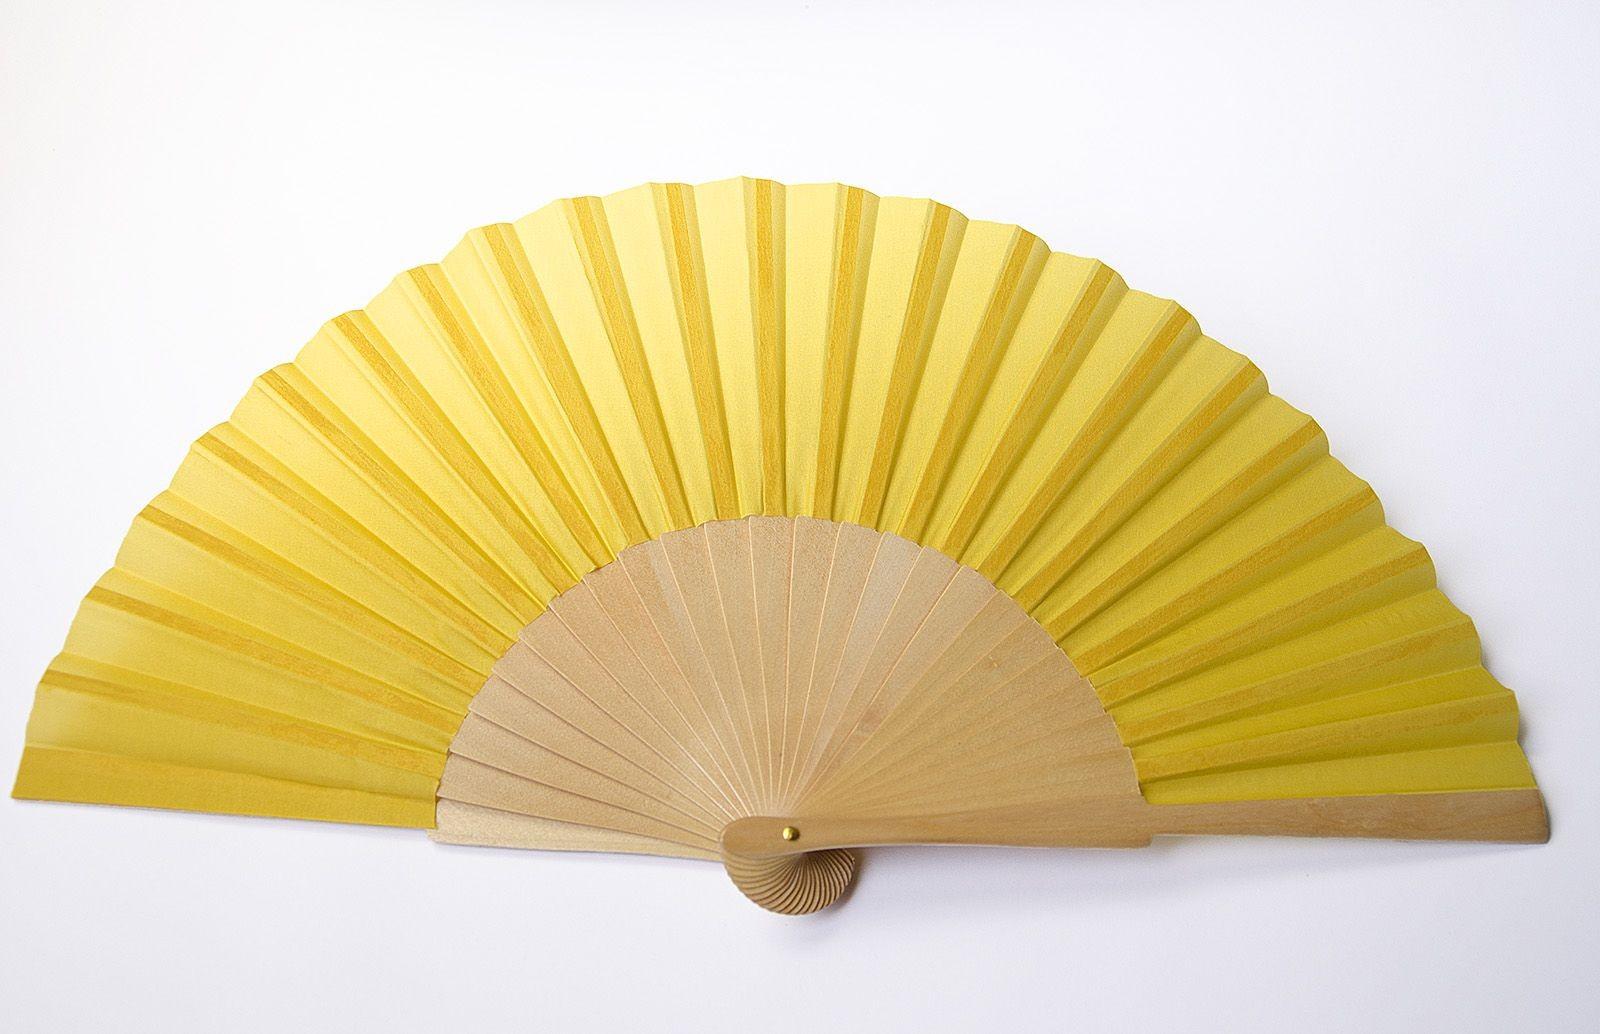 Ventaglio con pagina in seta habotai 8 gialla, pronto per la pittura, dotato di montatura in legno di sicomoro colore naturale di 22 cm (altezza) per 42 cm (lunghezza). Assemblato in Spagna